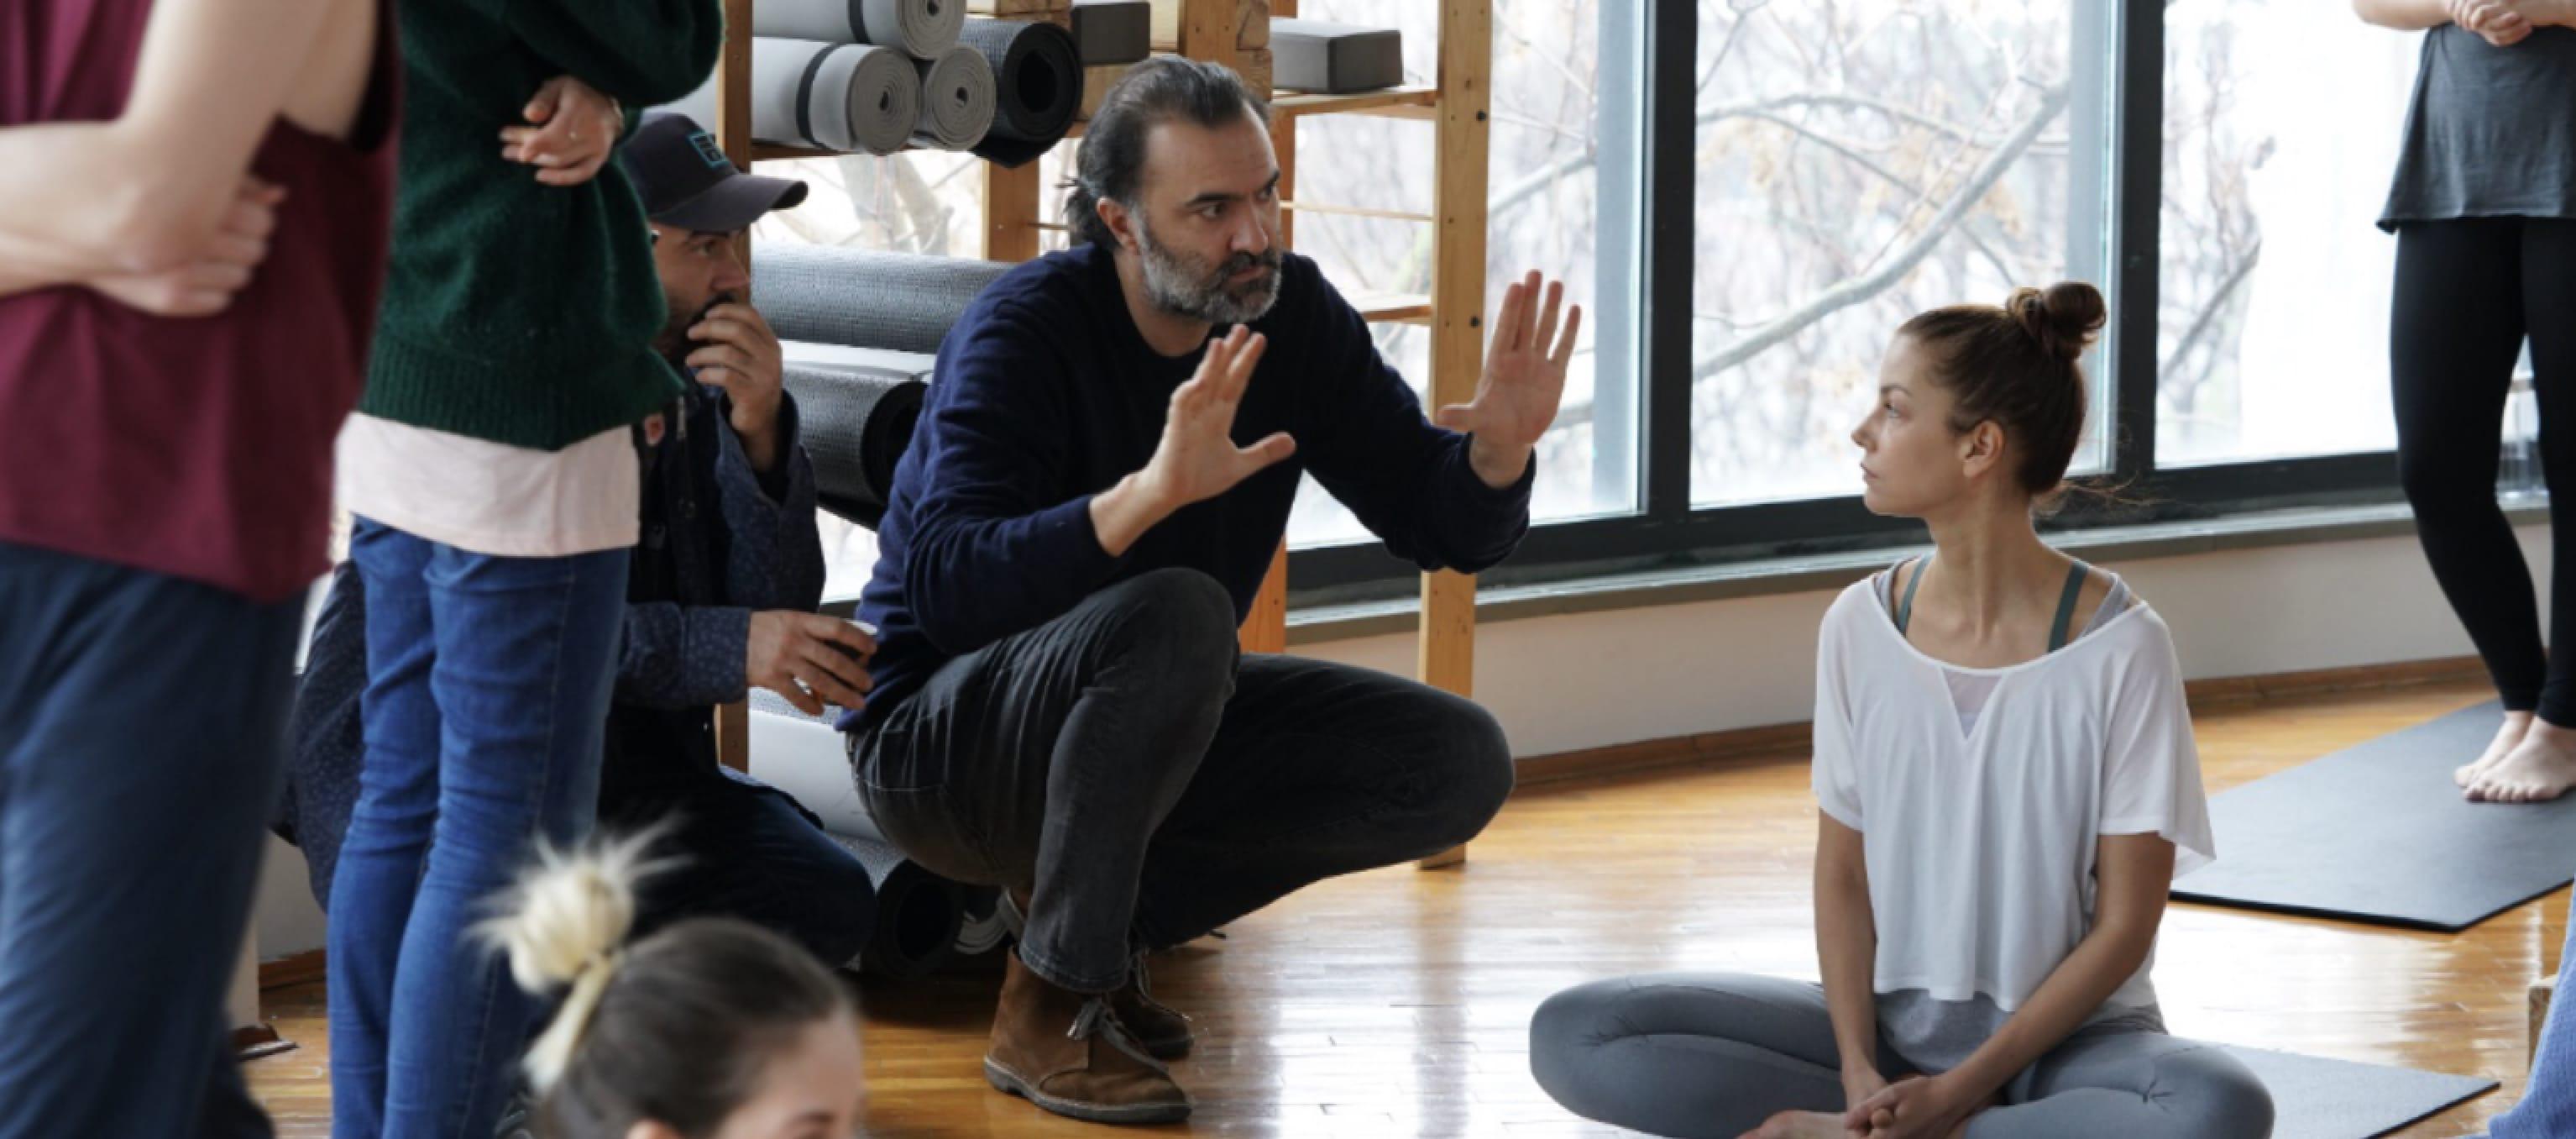 Yazar-yönetmen Berkun Oya bir sahne çekmeye hazırlanırken elleriyle çerçeve işareti yapmış çömeliyor. Peri'nin yoga stüdyosunda olduğu bir sahne. Peri, bağdaş kurmuş bir şekilde yoga matının üzerinde oturuyor.